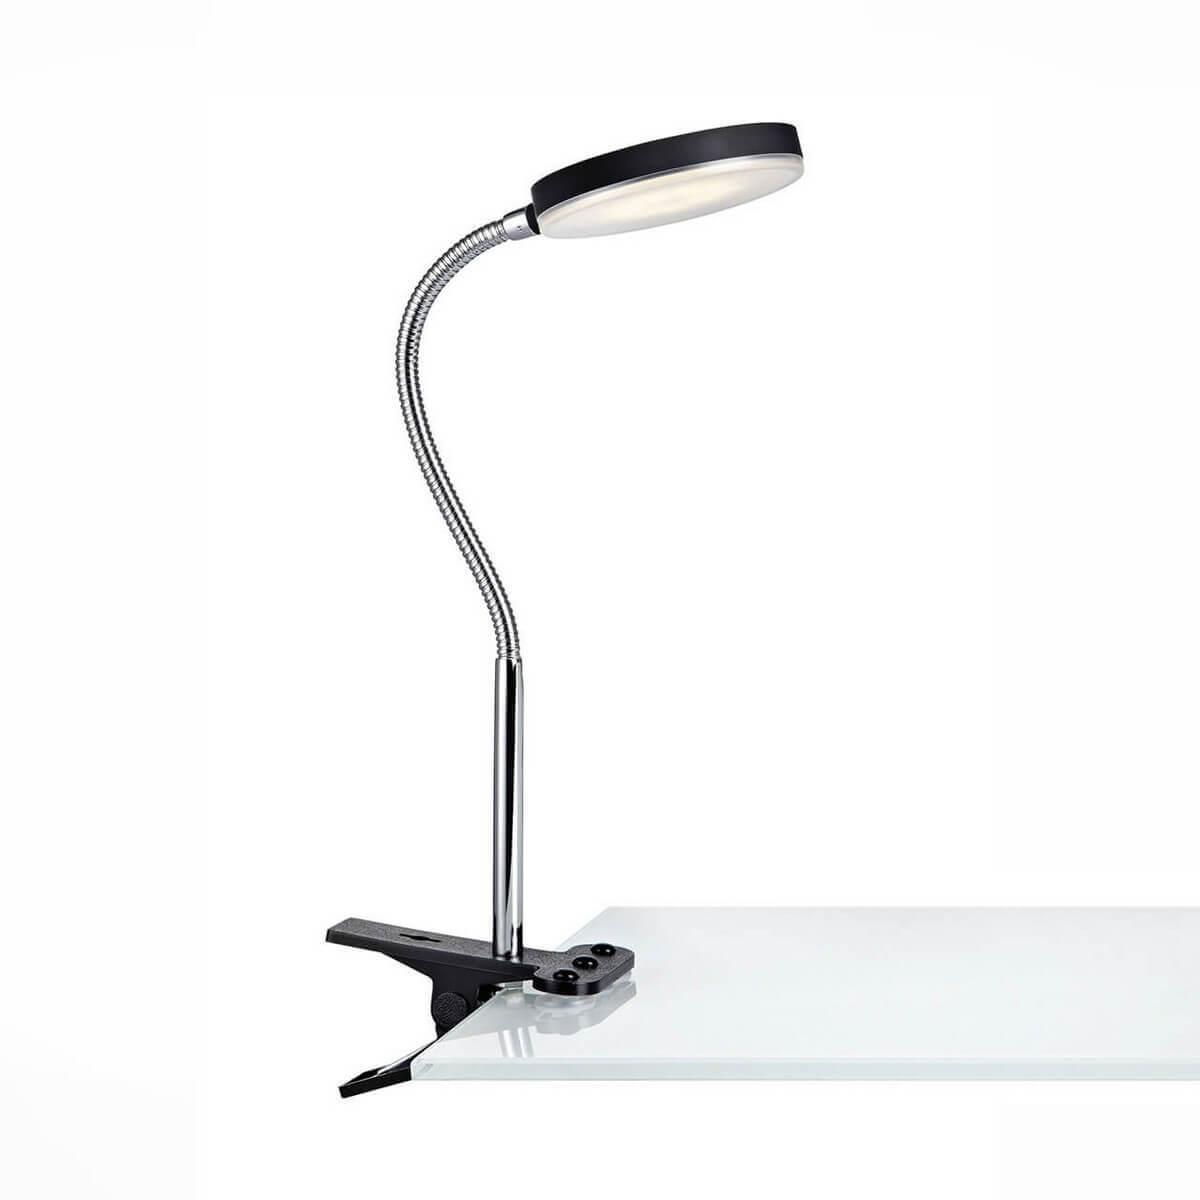 Настольная лампа Markslojd 106471 Flex kartell настольная лампа